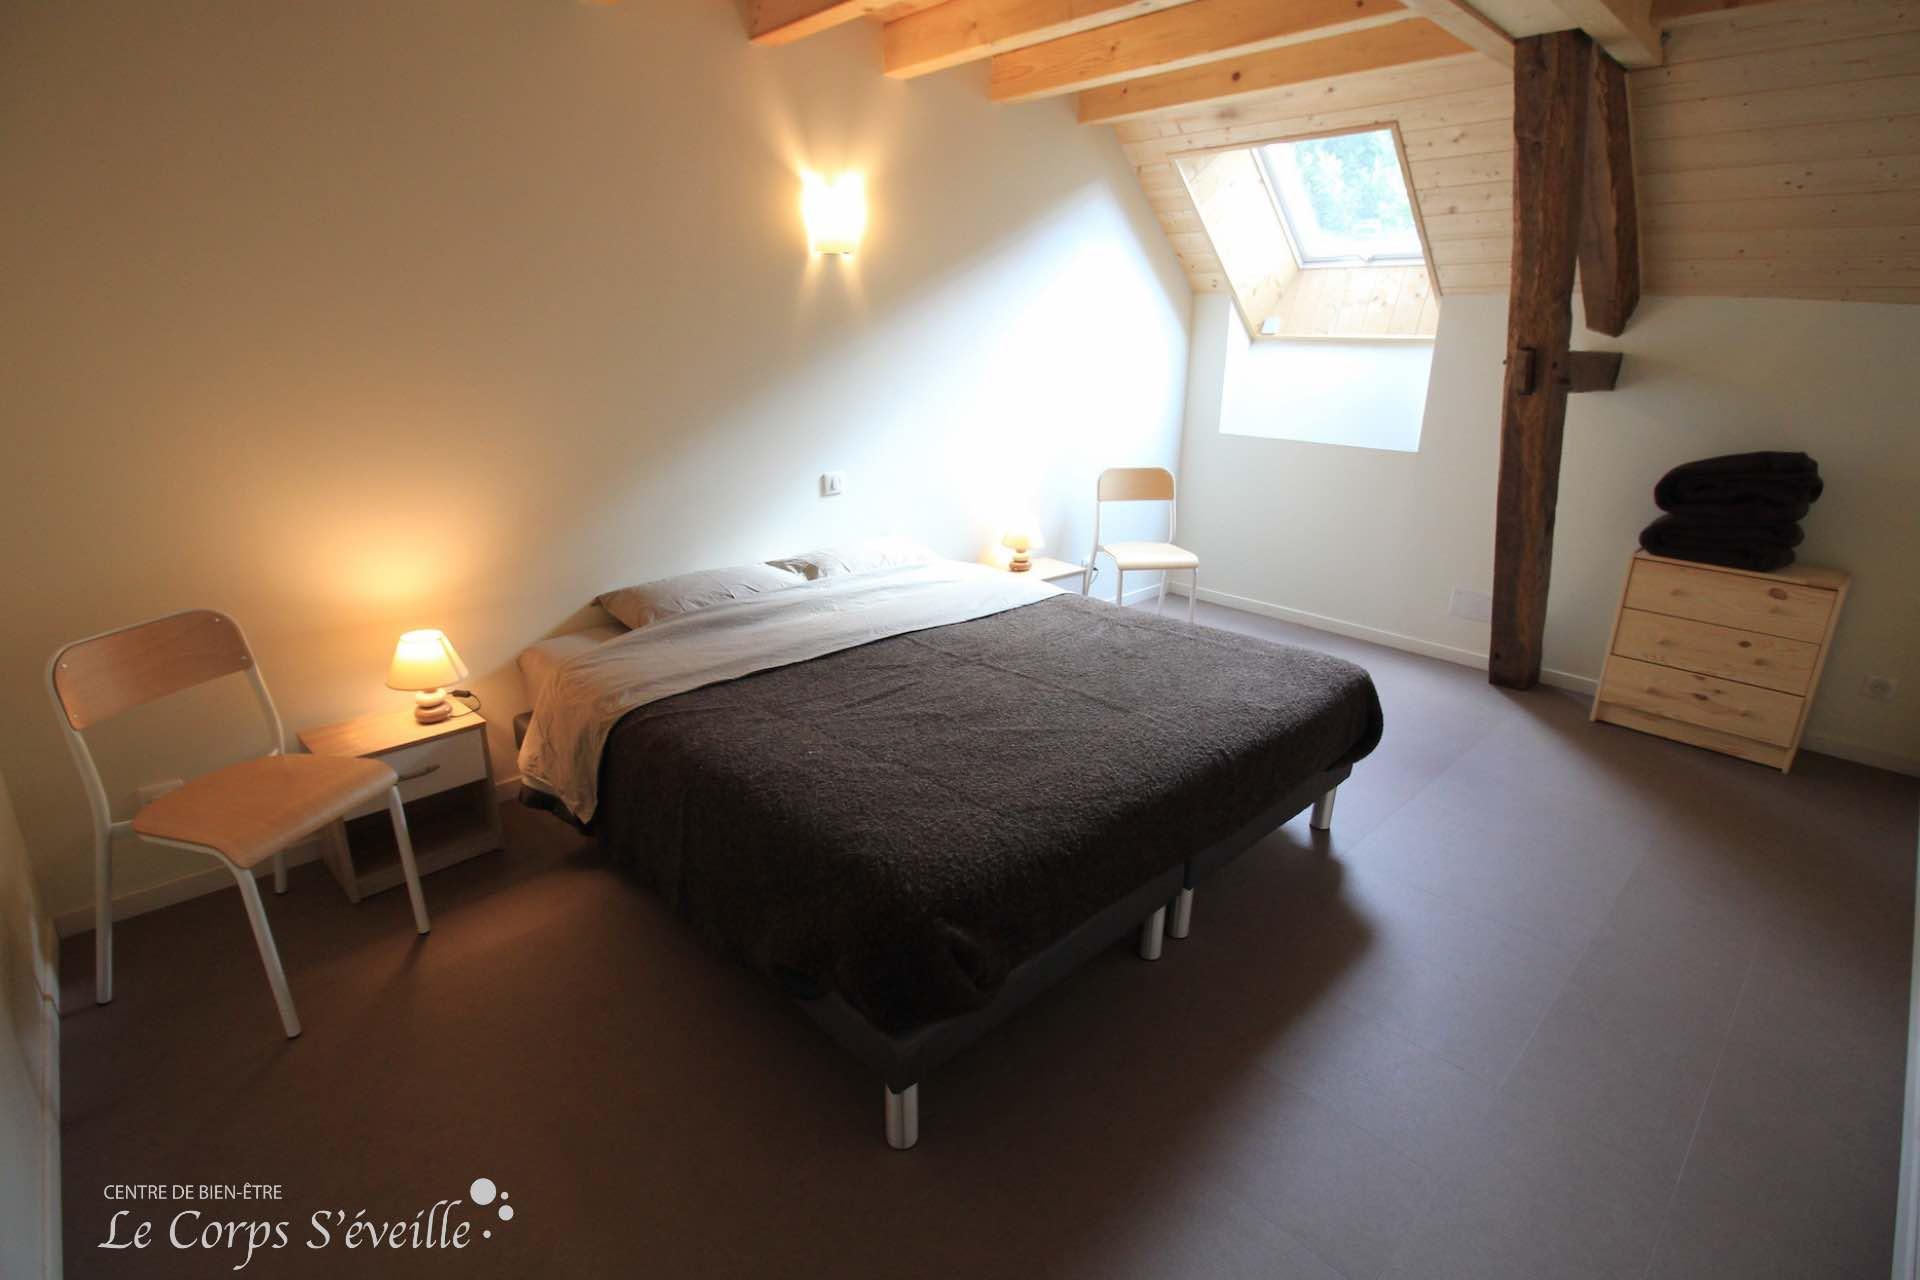 Une chambre au gîte Montagne & Vie en Vallée d'Aspe, sud d'Oloron-Sainte-Marie.